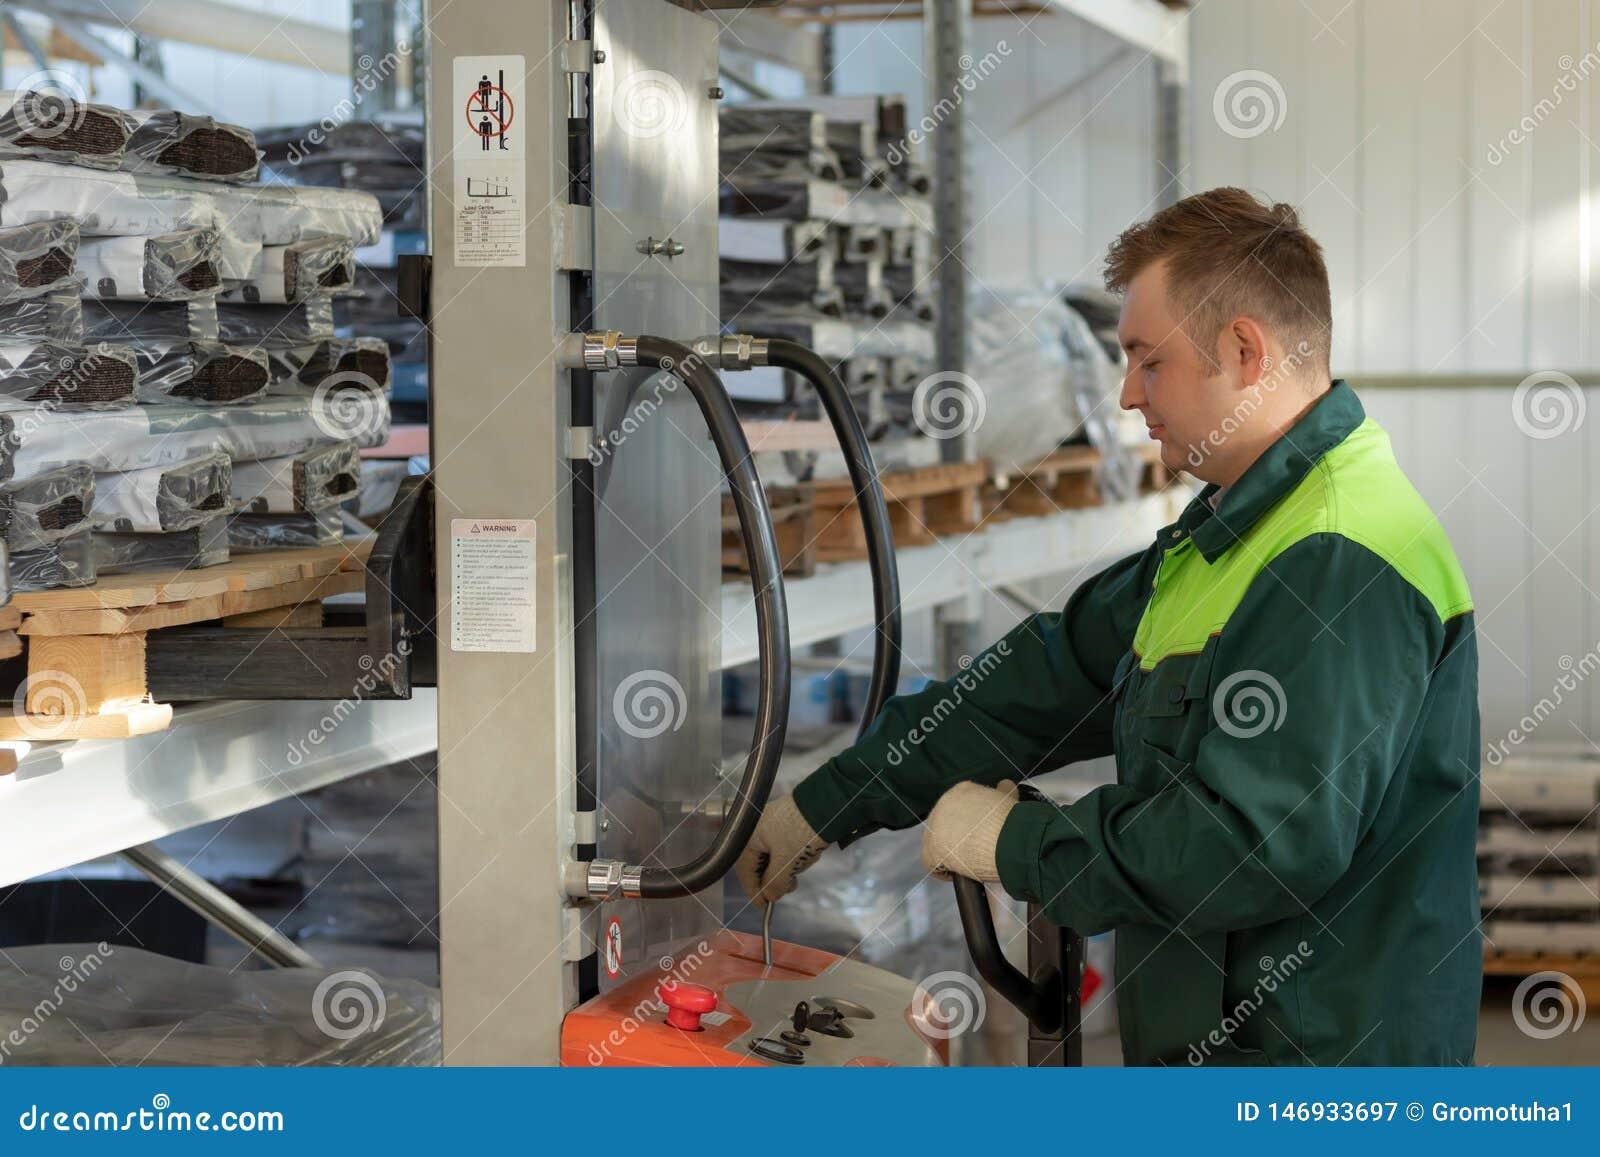 Работник управляет грузоподъемником в складе